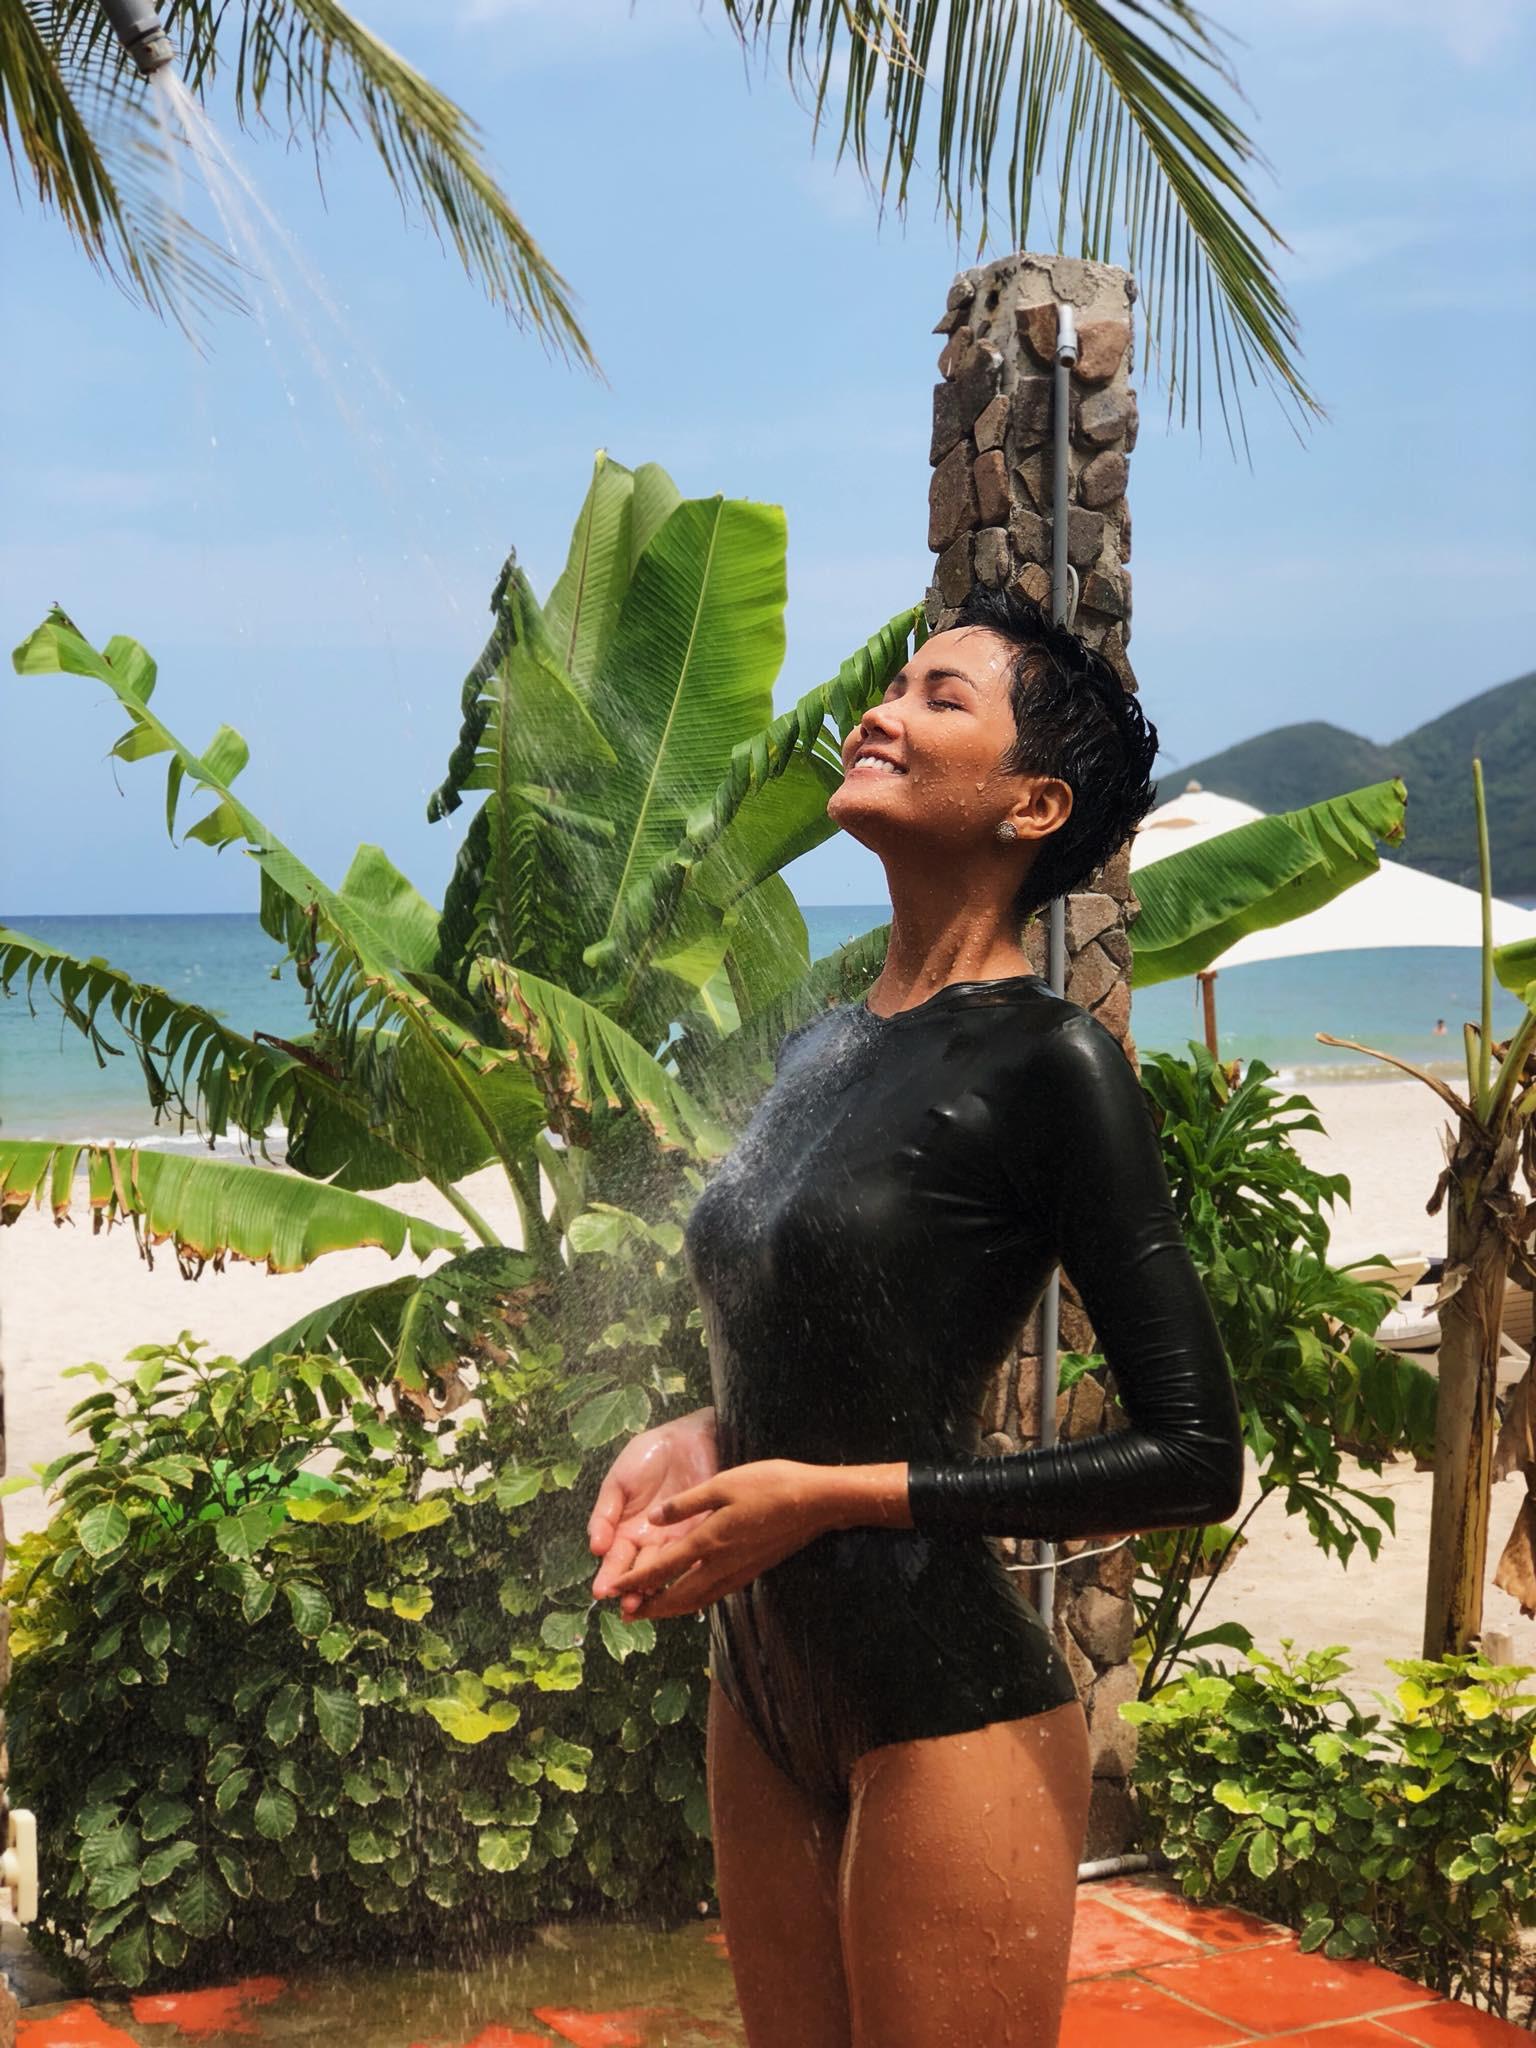 Nếu bạn sợ đen da, kiểu đồ bơi dài tay kín bưng mà vẫn sexy như của Kỳ Duyên chính là lựa chọn hoàn hảo mùa du lịch này - Ảnh 4.